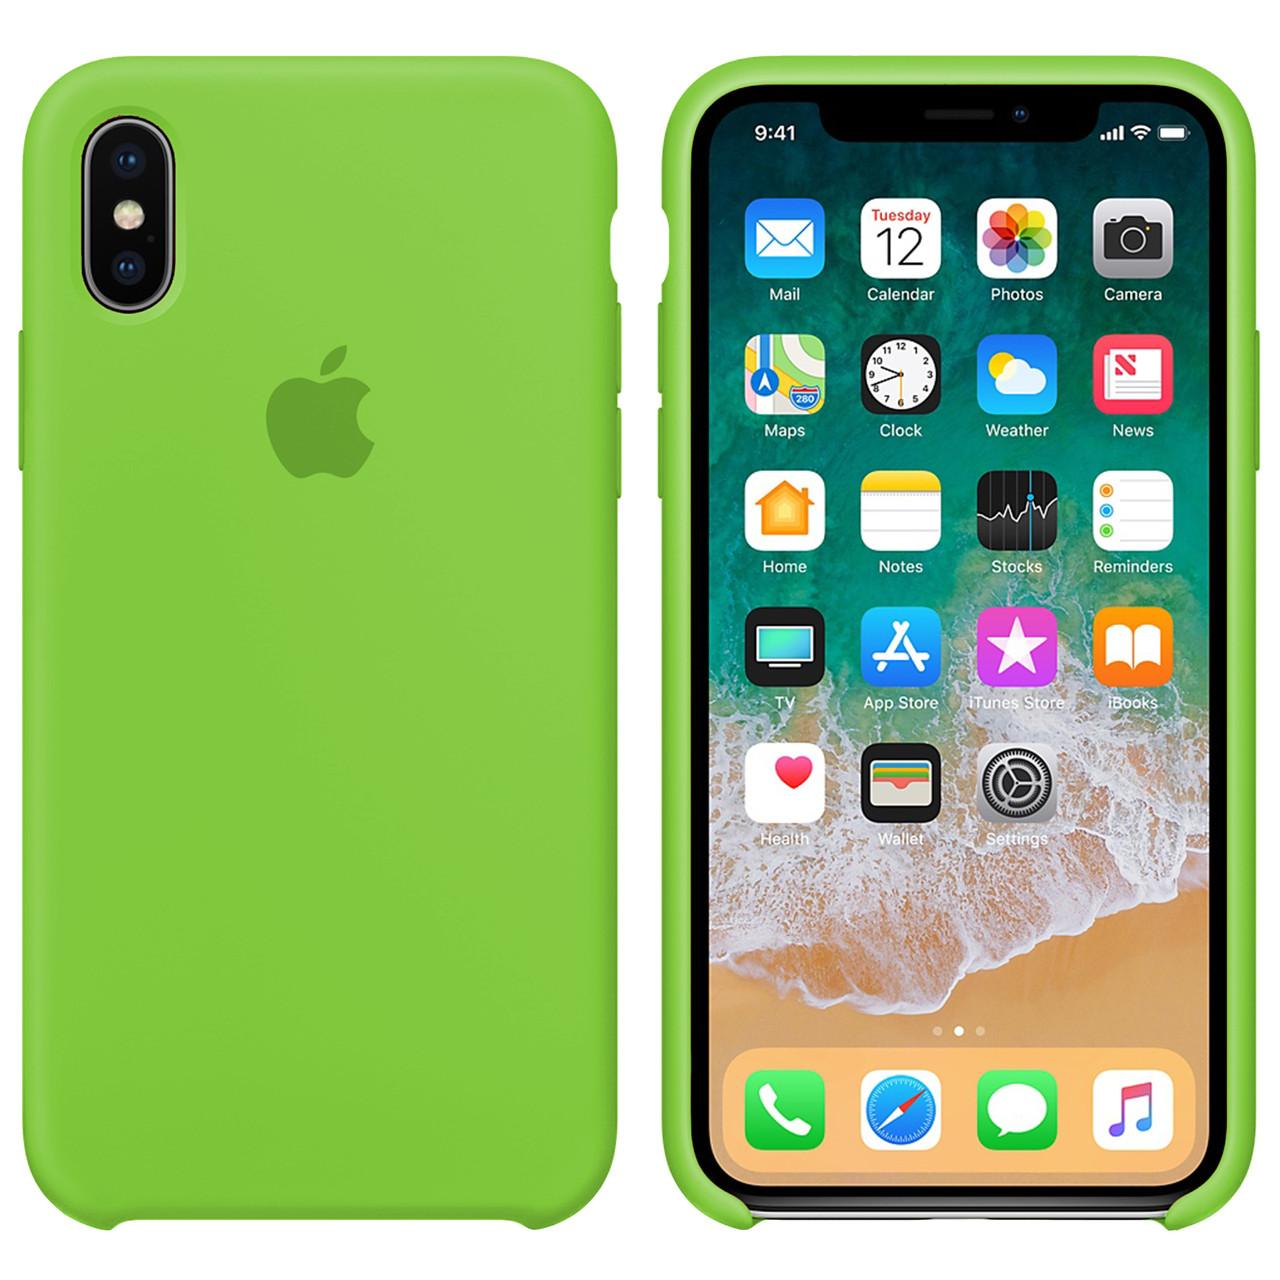 Силиконовый чехол для Apple iPhone XR Silicone case (Кислотно-зеленый)